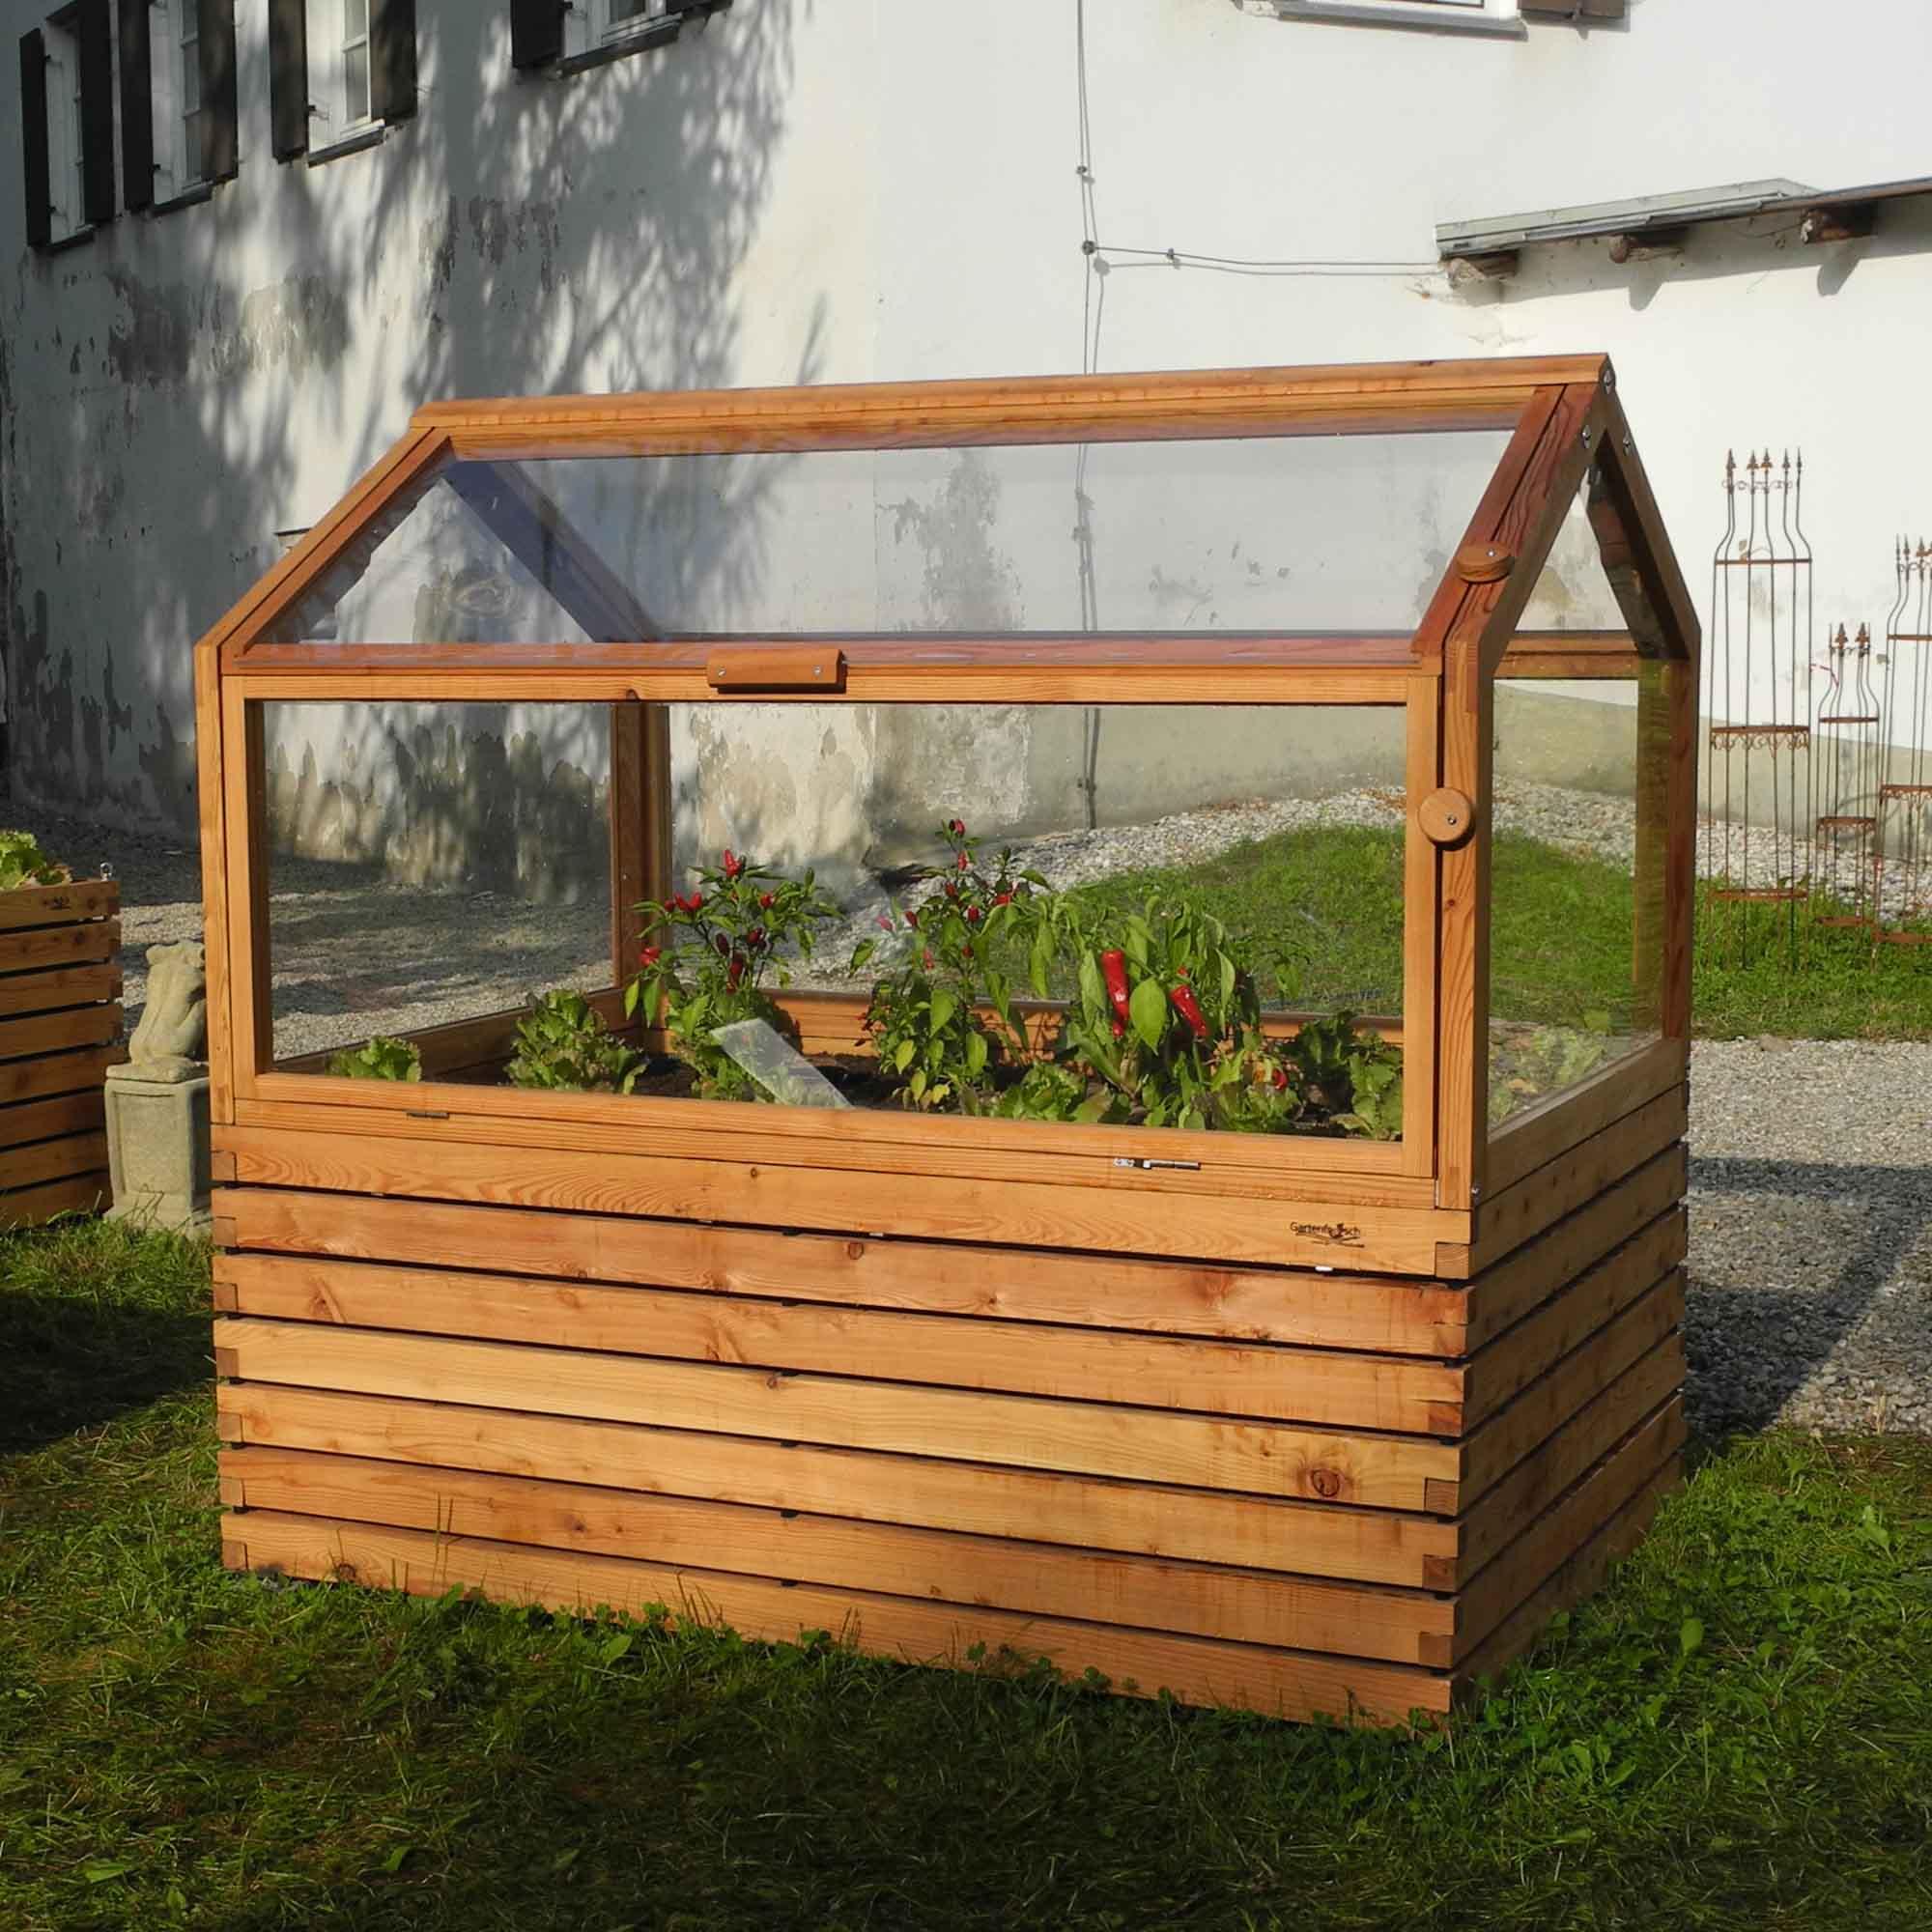 Hochbeet Dach Kaufen Hochbeete Aus Alu Fur Balkon Garten Im Holzlook